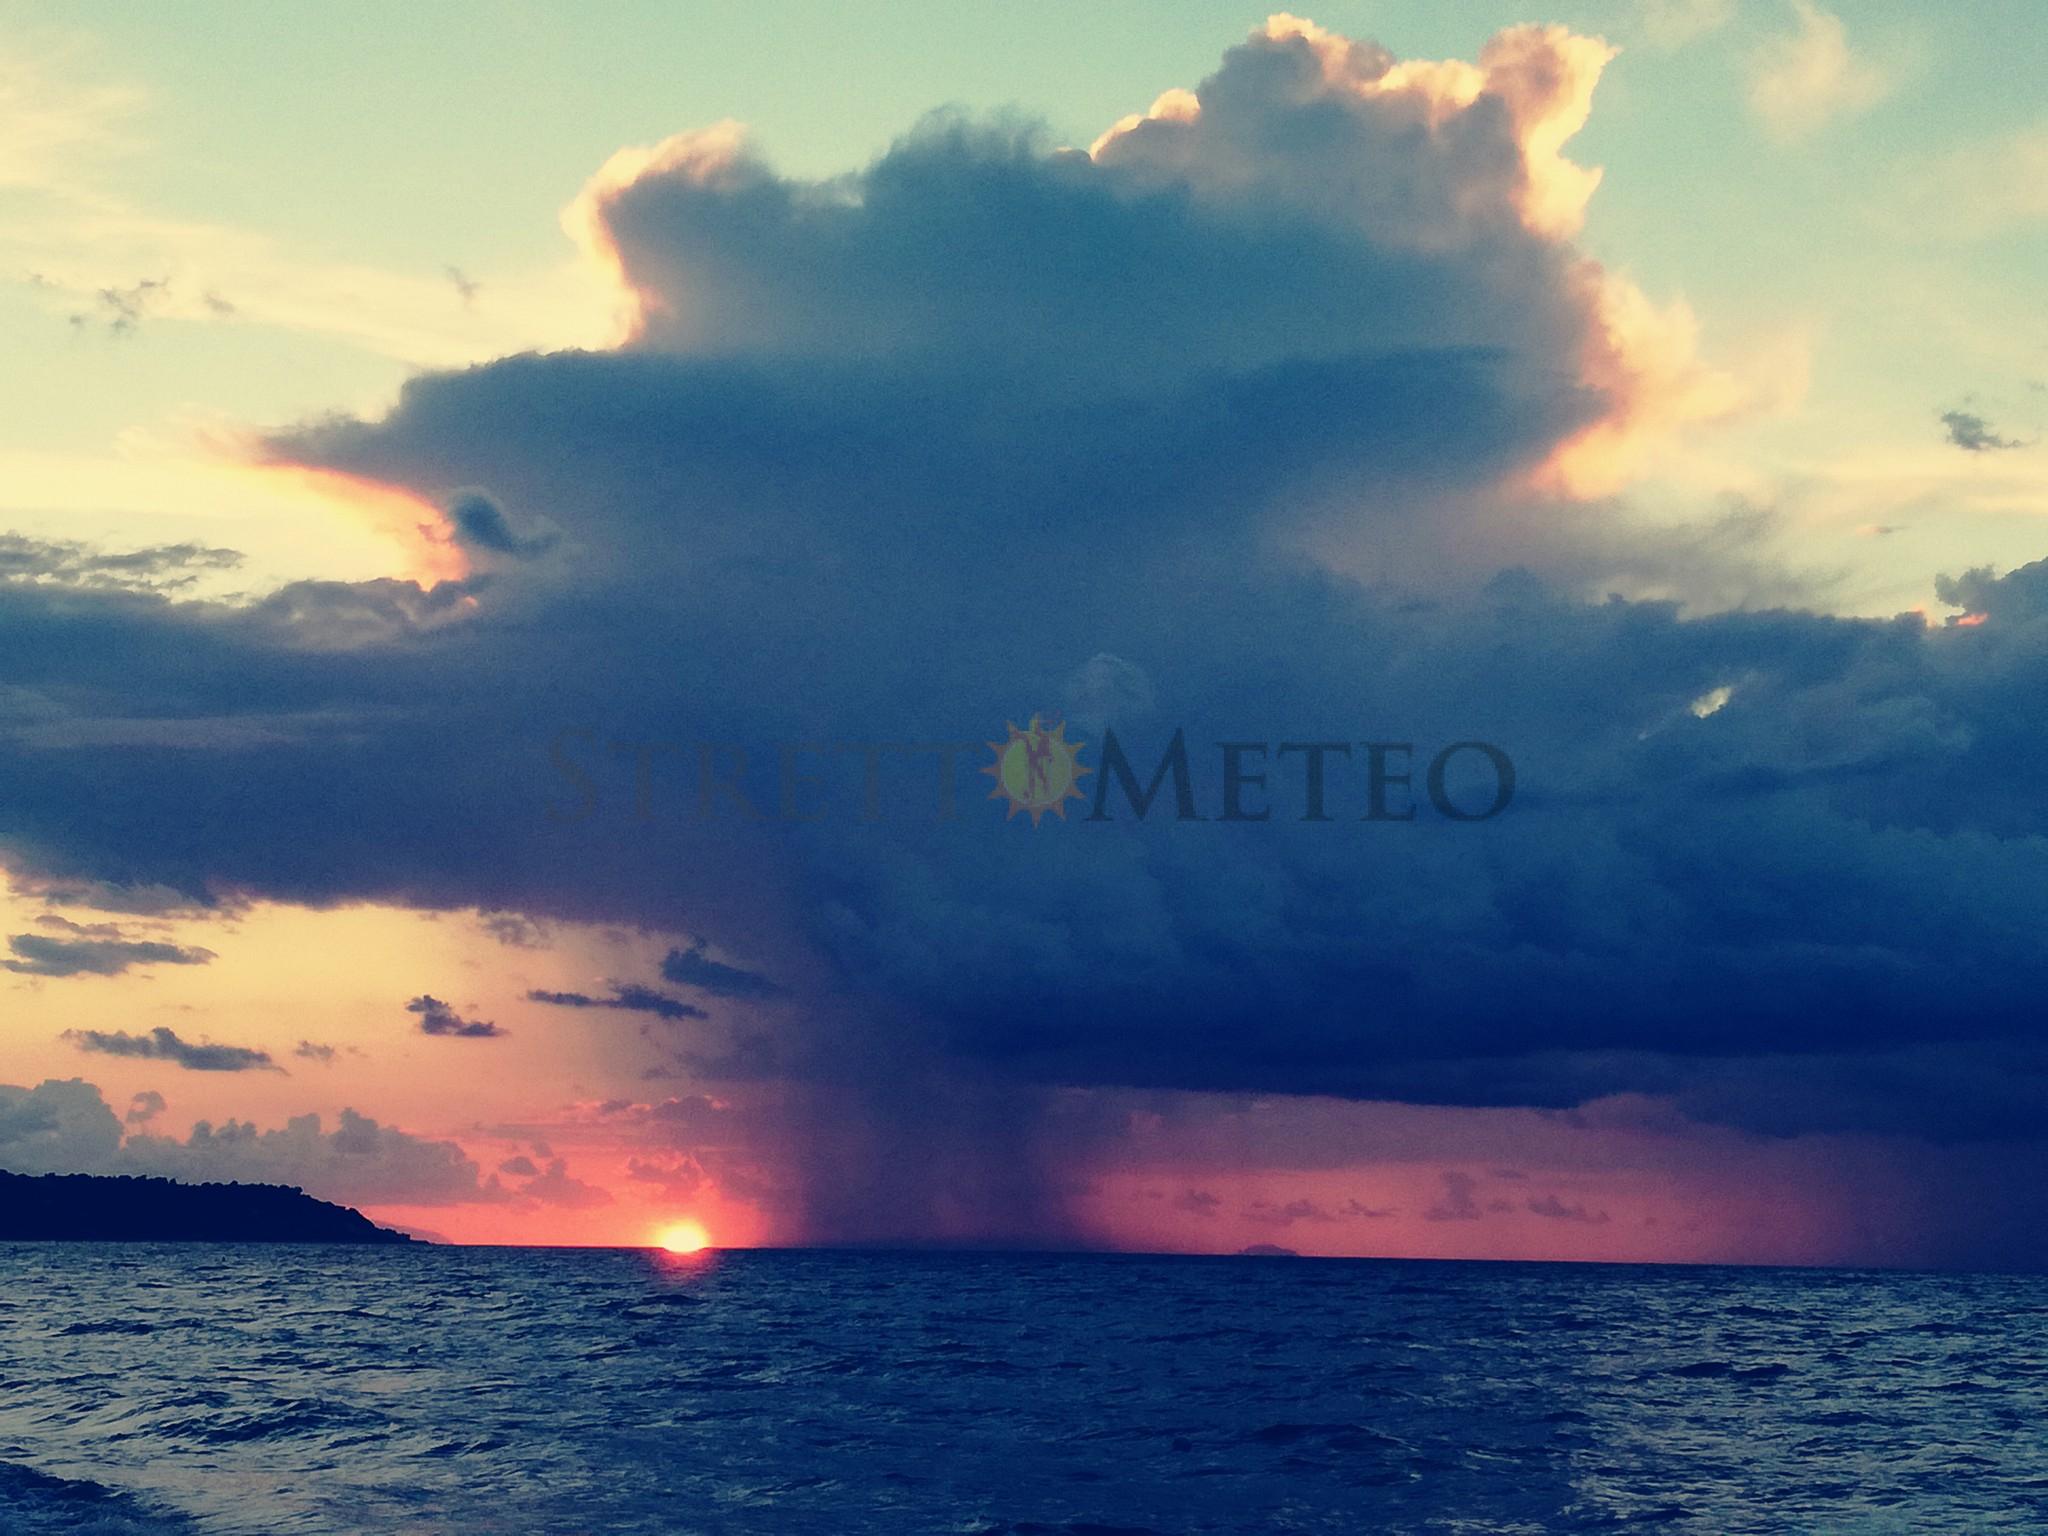 Aria fresca, nubi e fenomeni irregolari sino a Giovedì. Notizie positive per il Weekend!